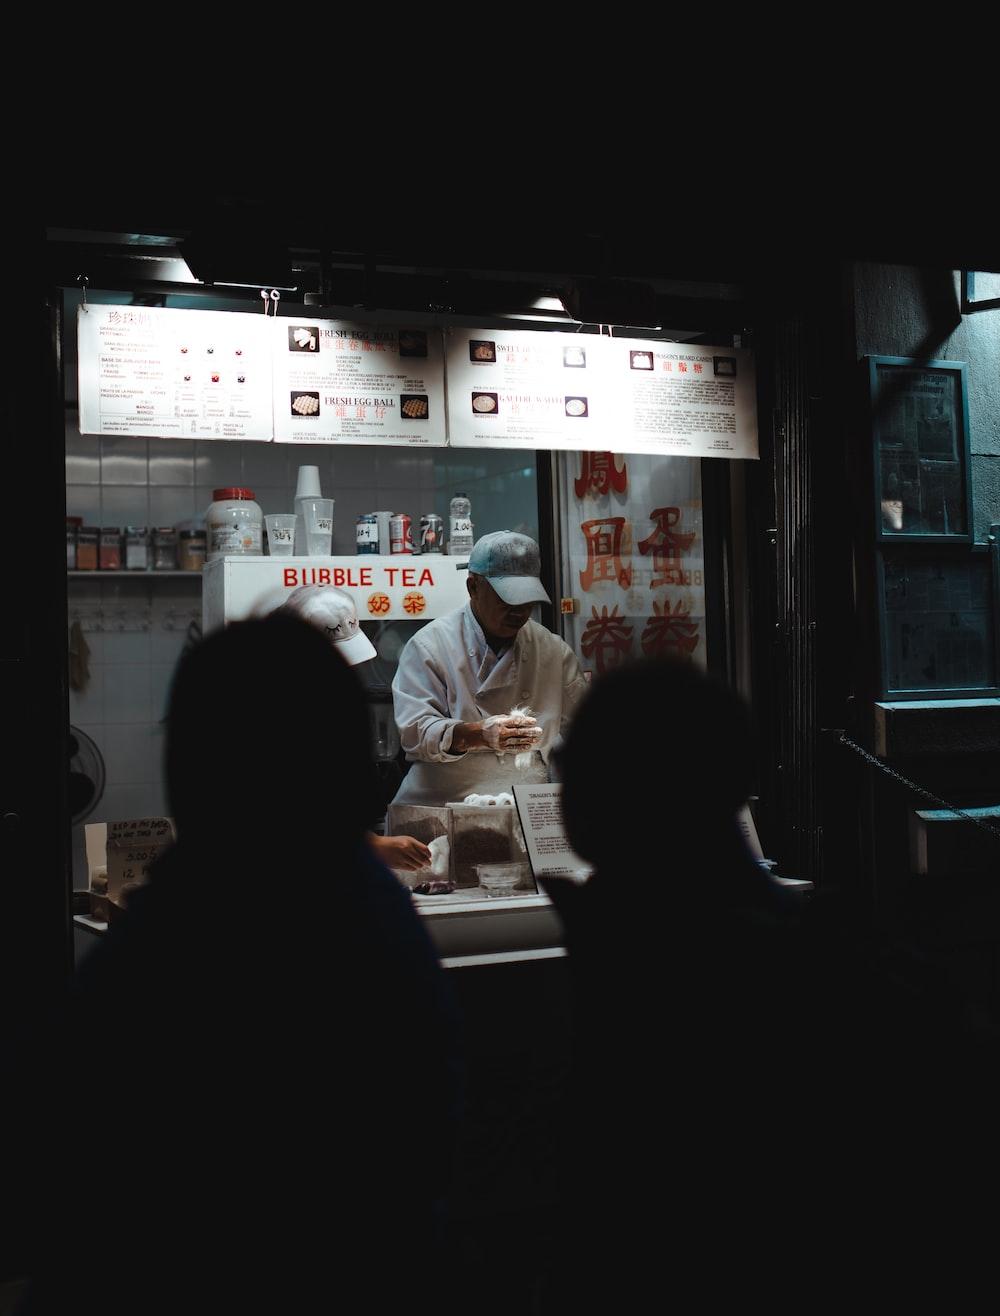 man on food stall